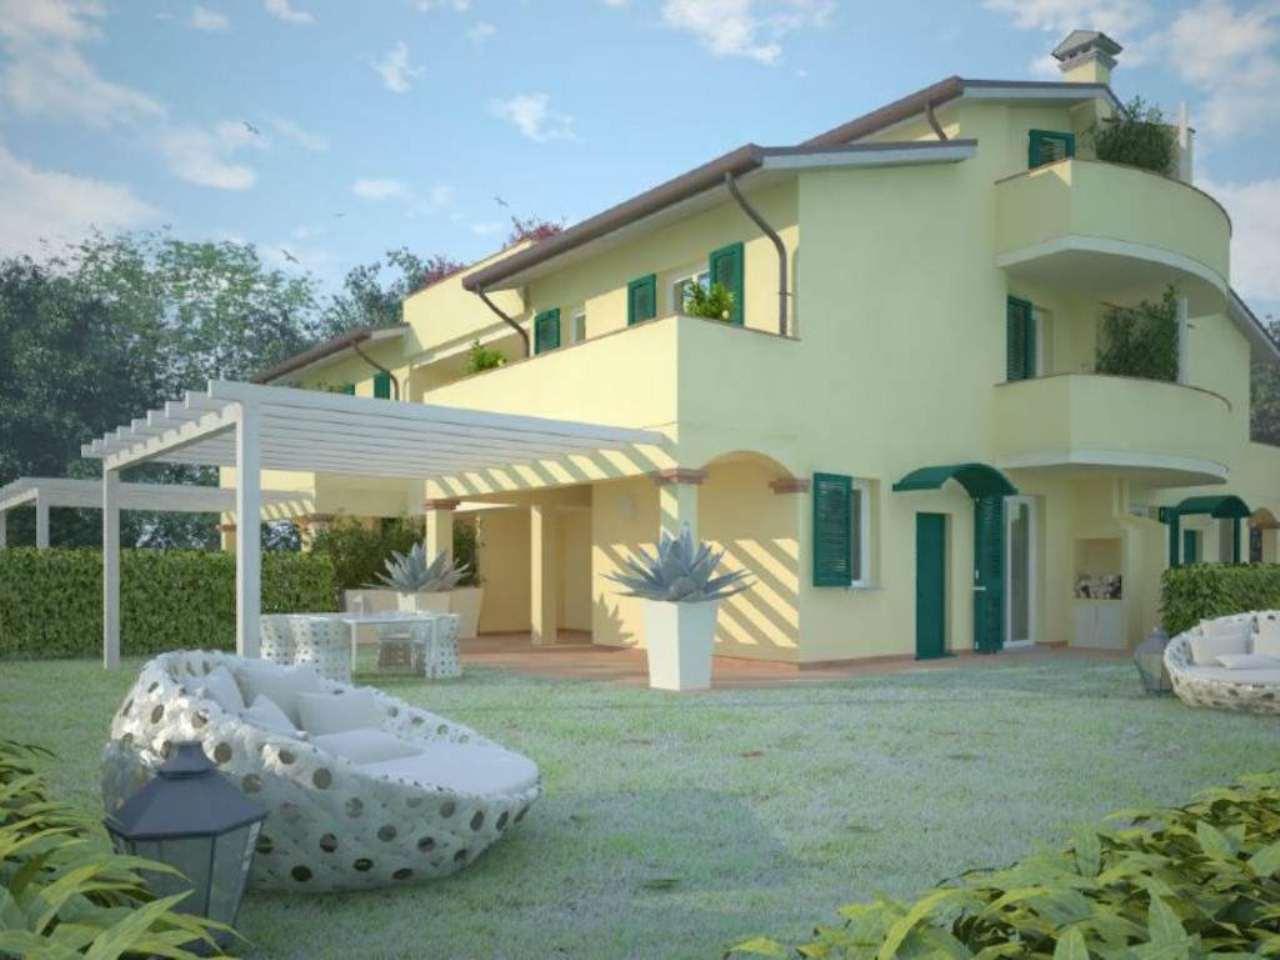 Villa in vendita a Russi, 5 locali, prezzo € 230.000 | Cambio Casa.it